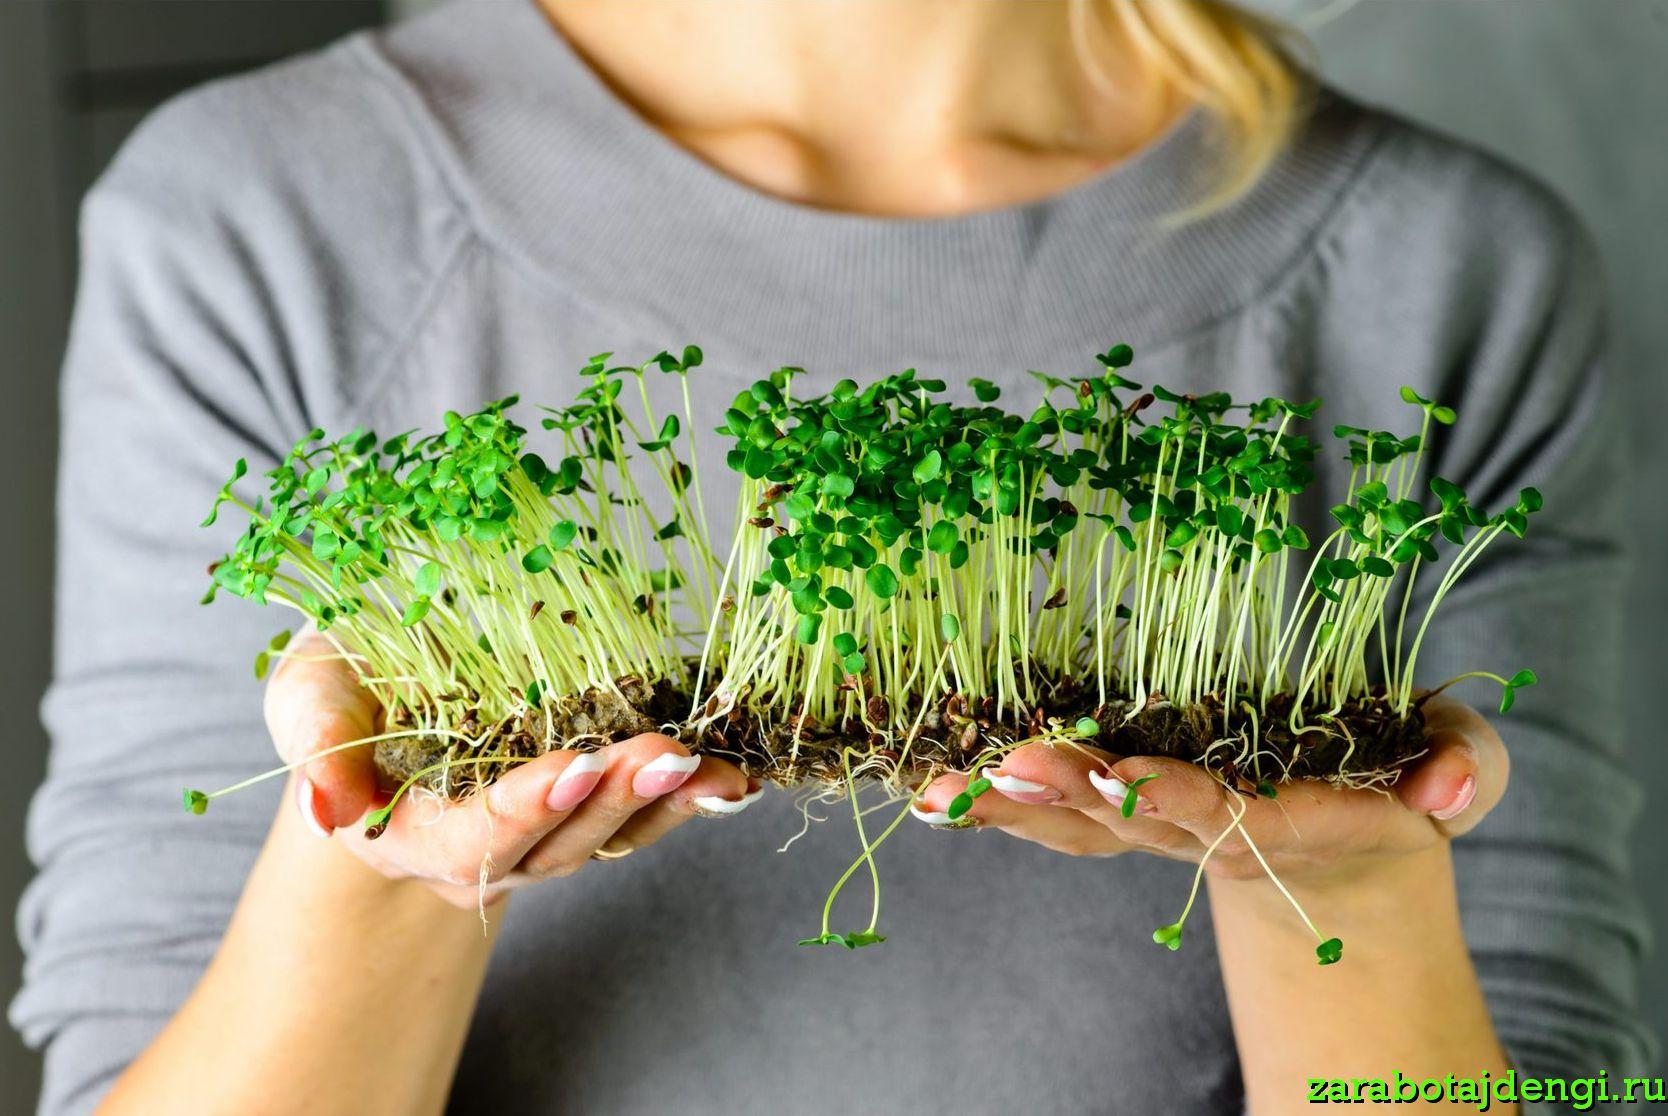 Выращивание микрозелени как бизнес